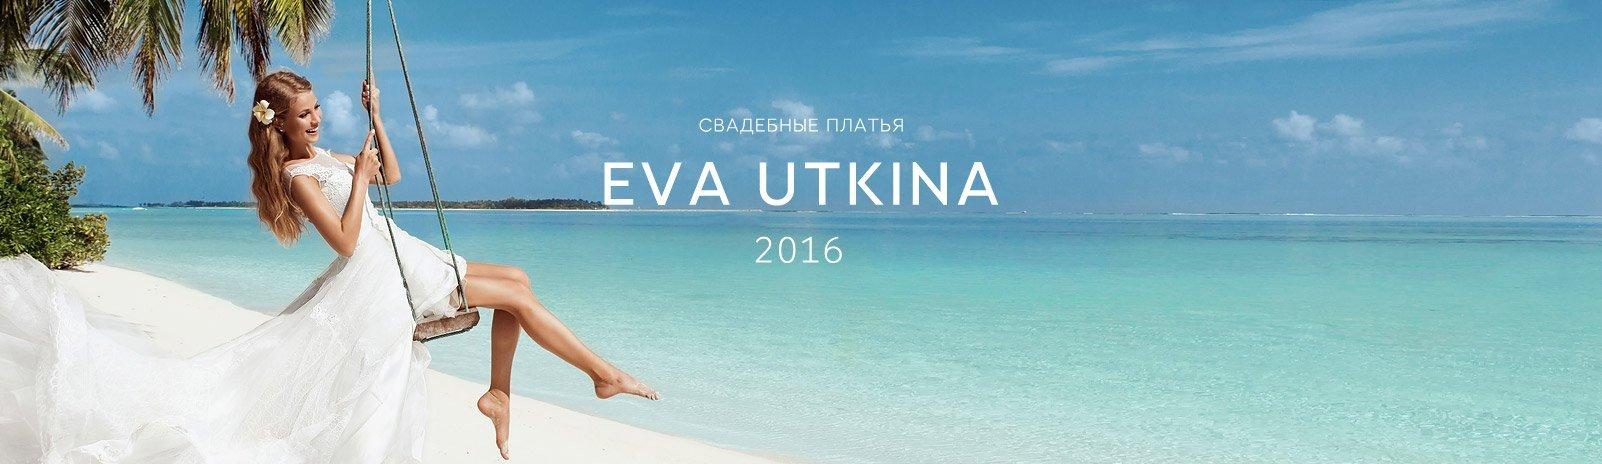 eva-utkina-2016_3